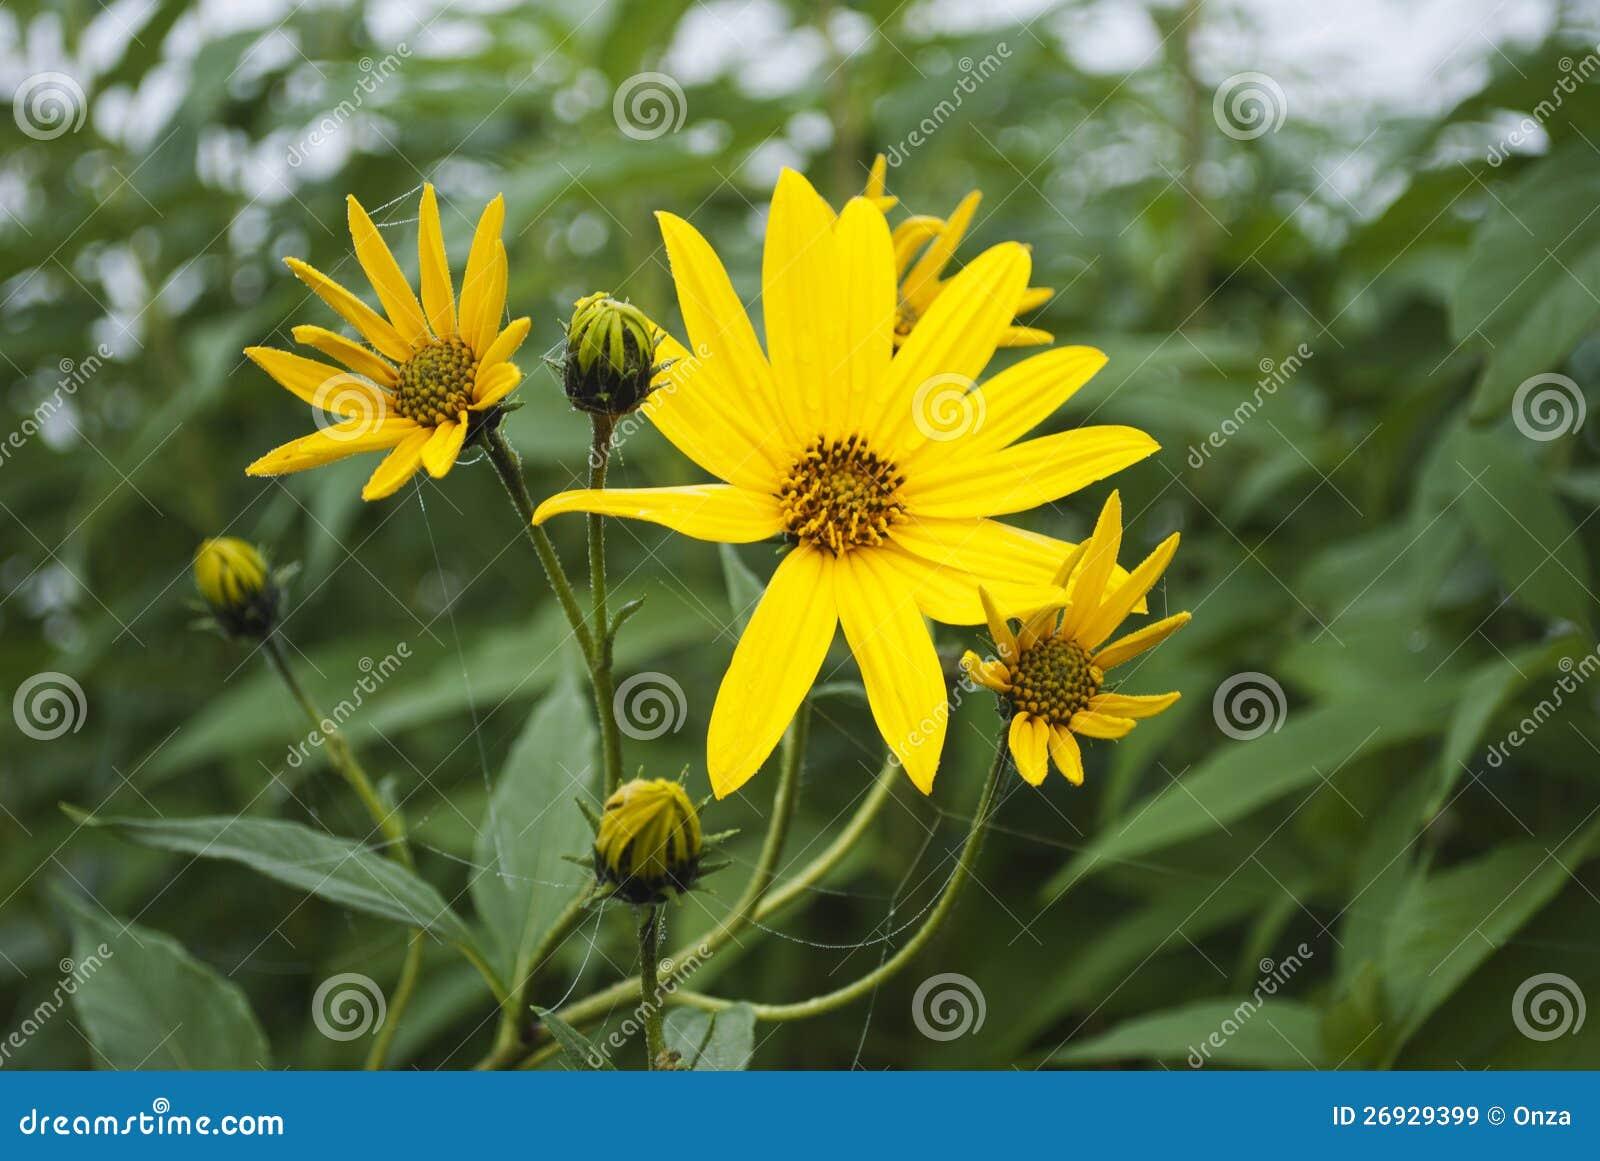 Fleurs jaunes d 39 automne images libres de droits image for Fleurs automne